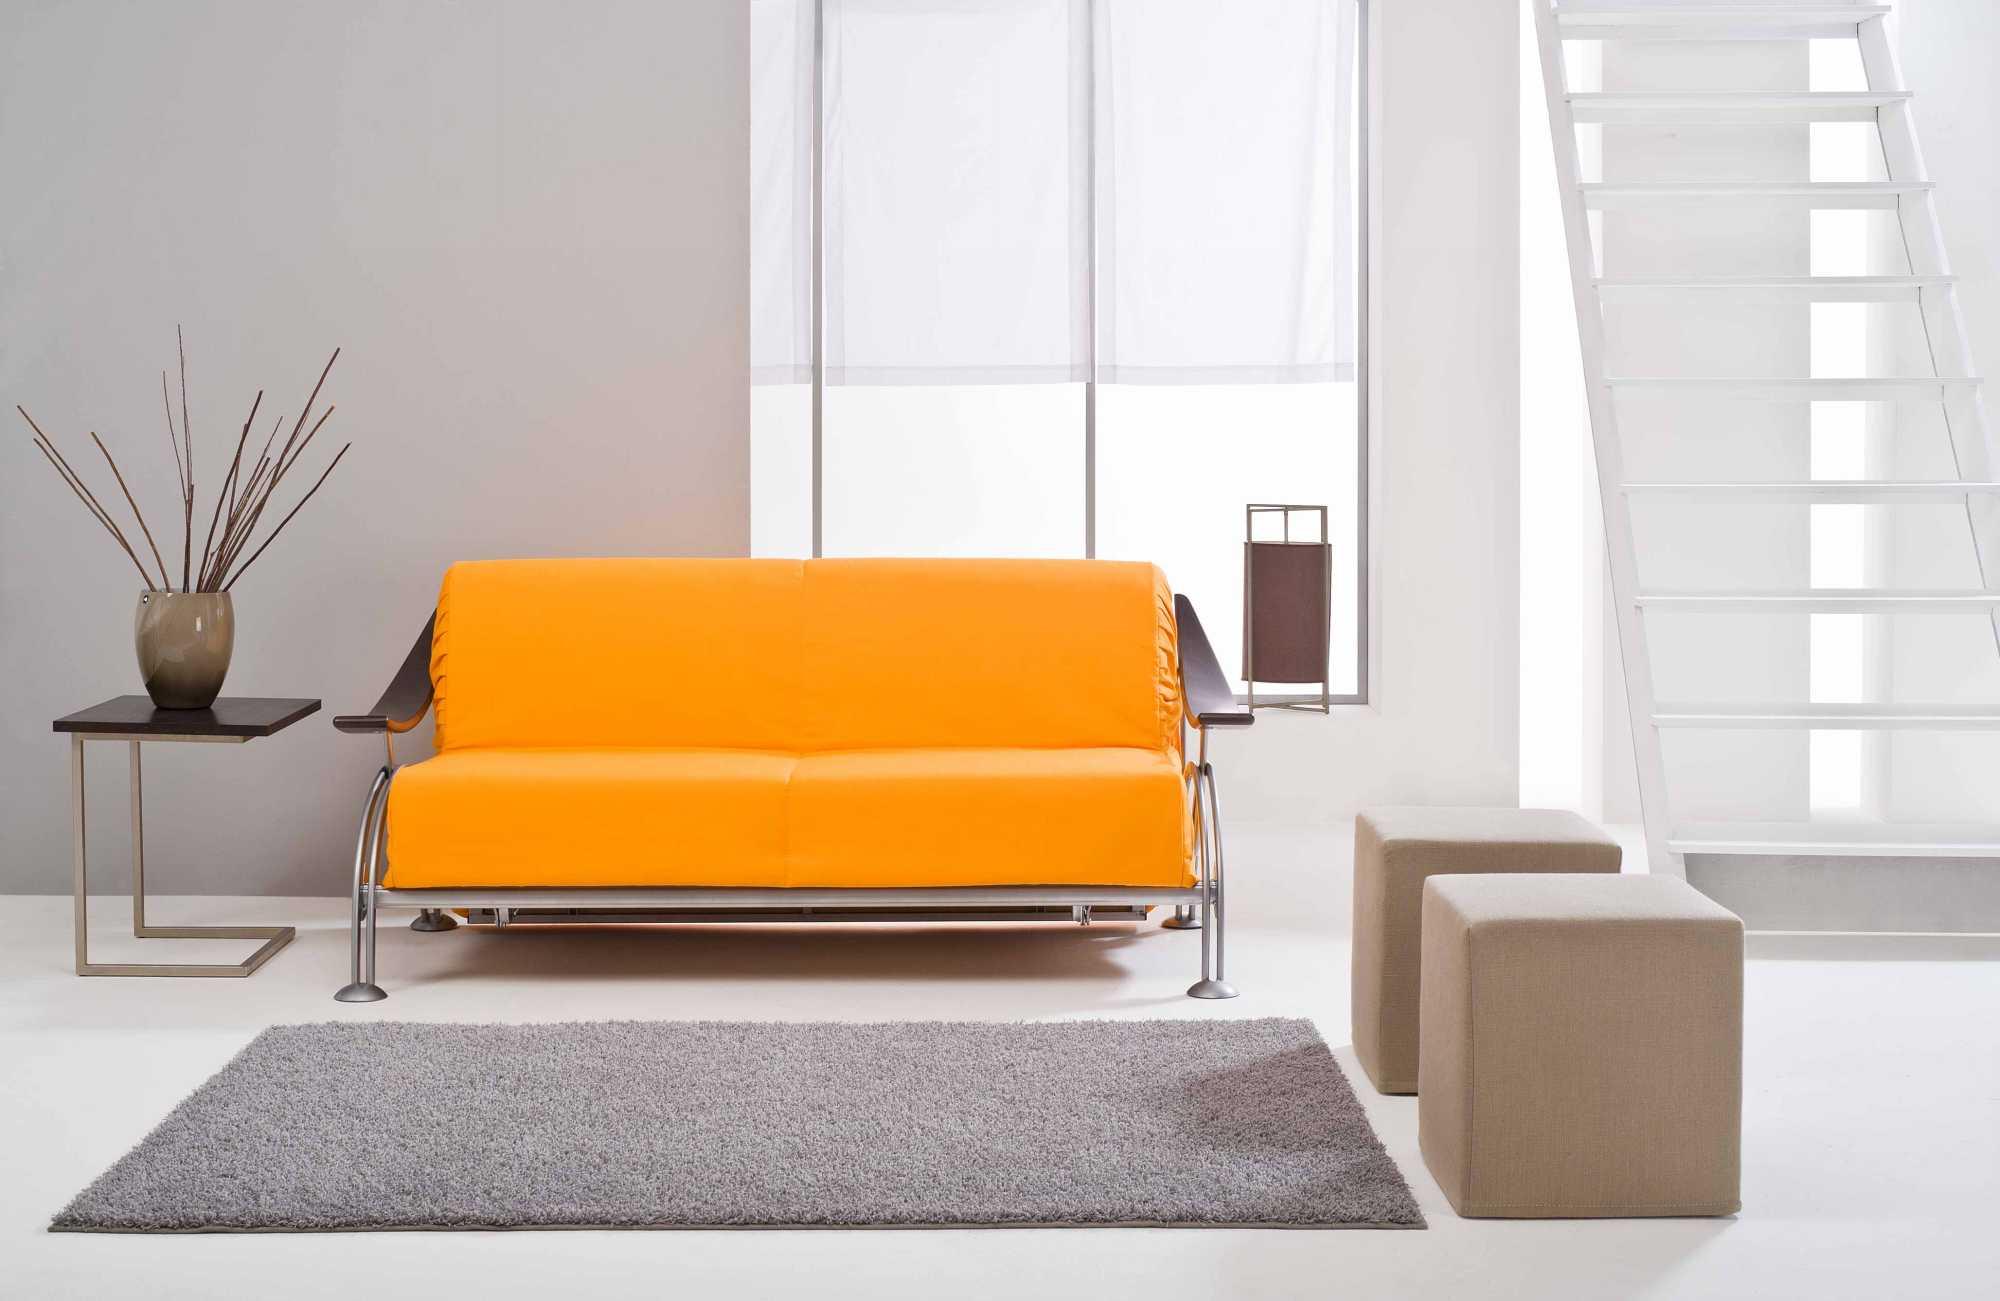 Slalom divani letto estensibili collezione design - Divano letto senza braccioli ...